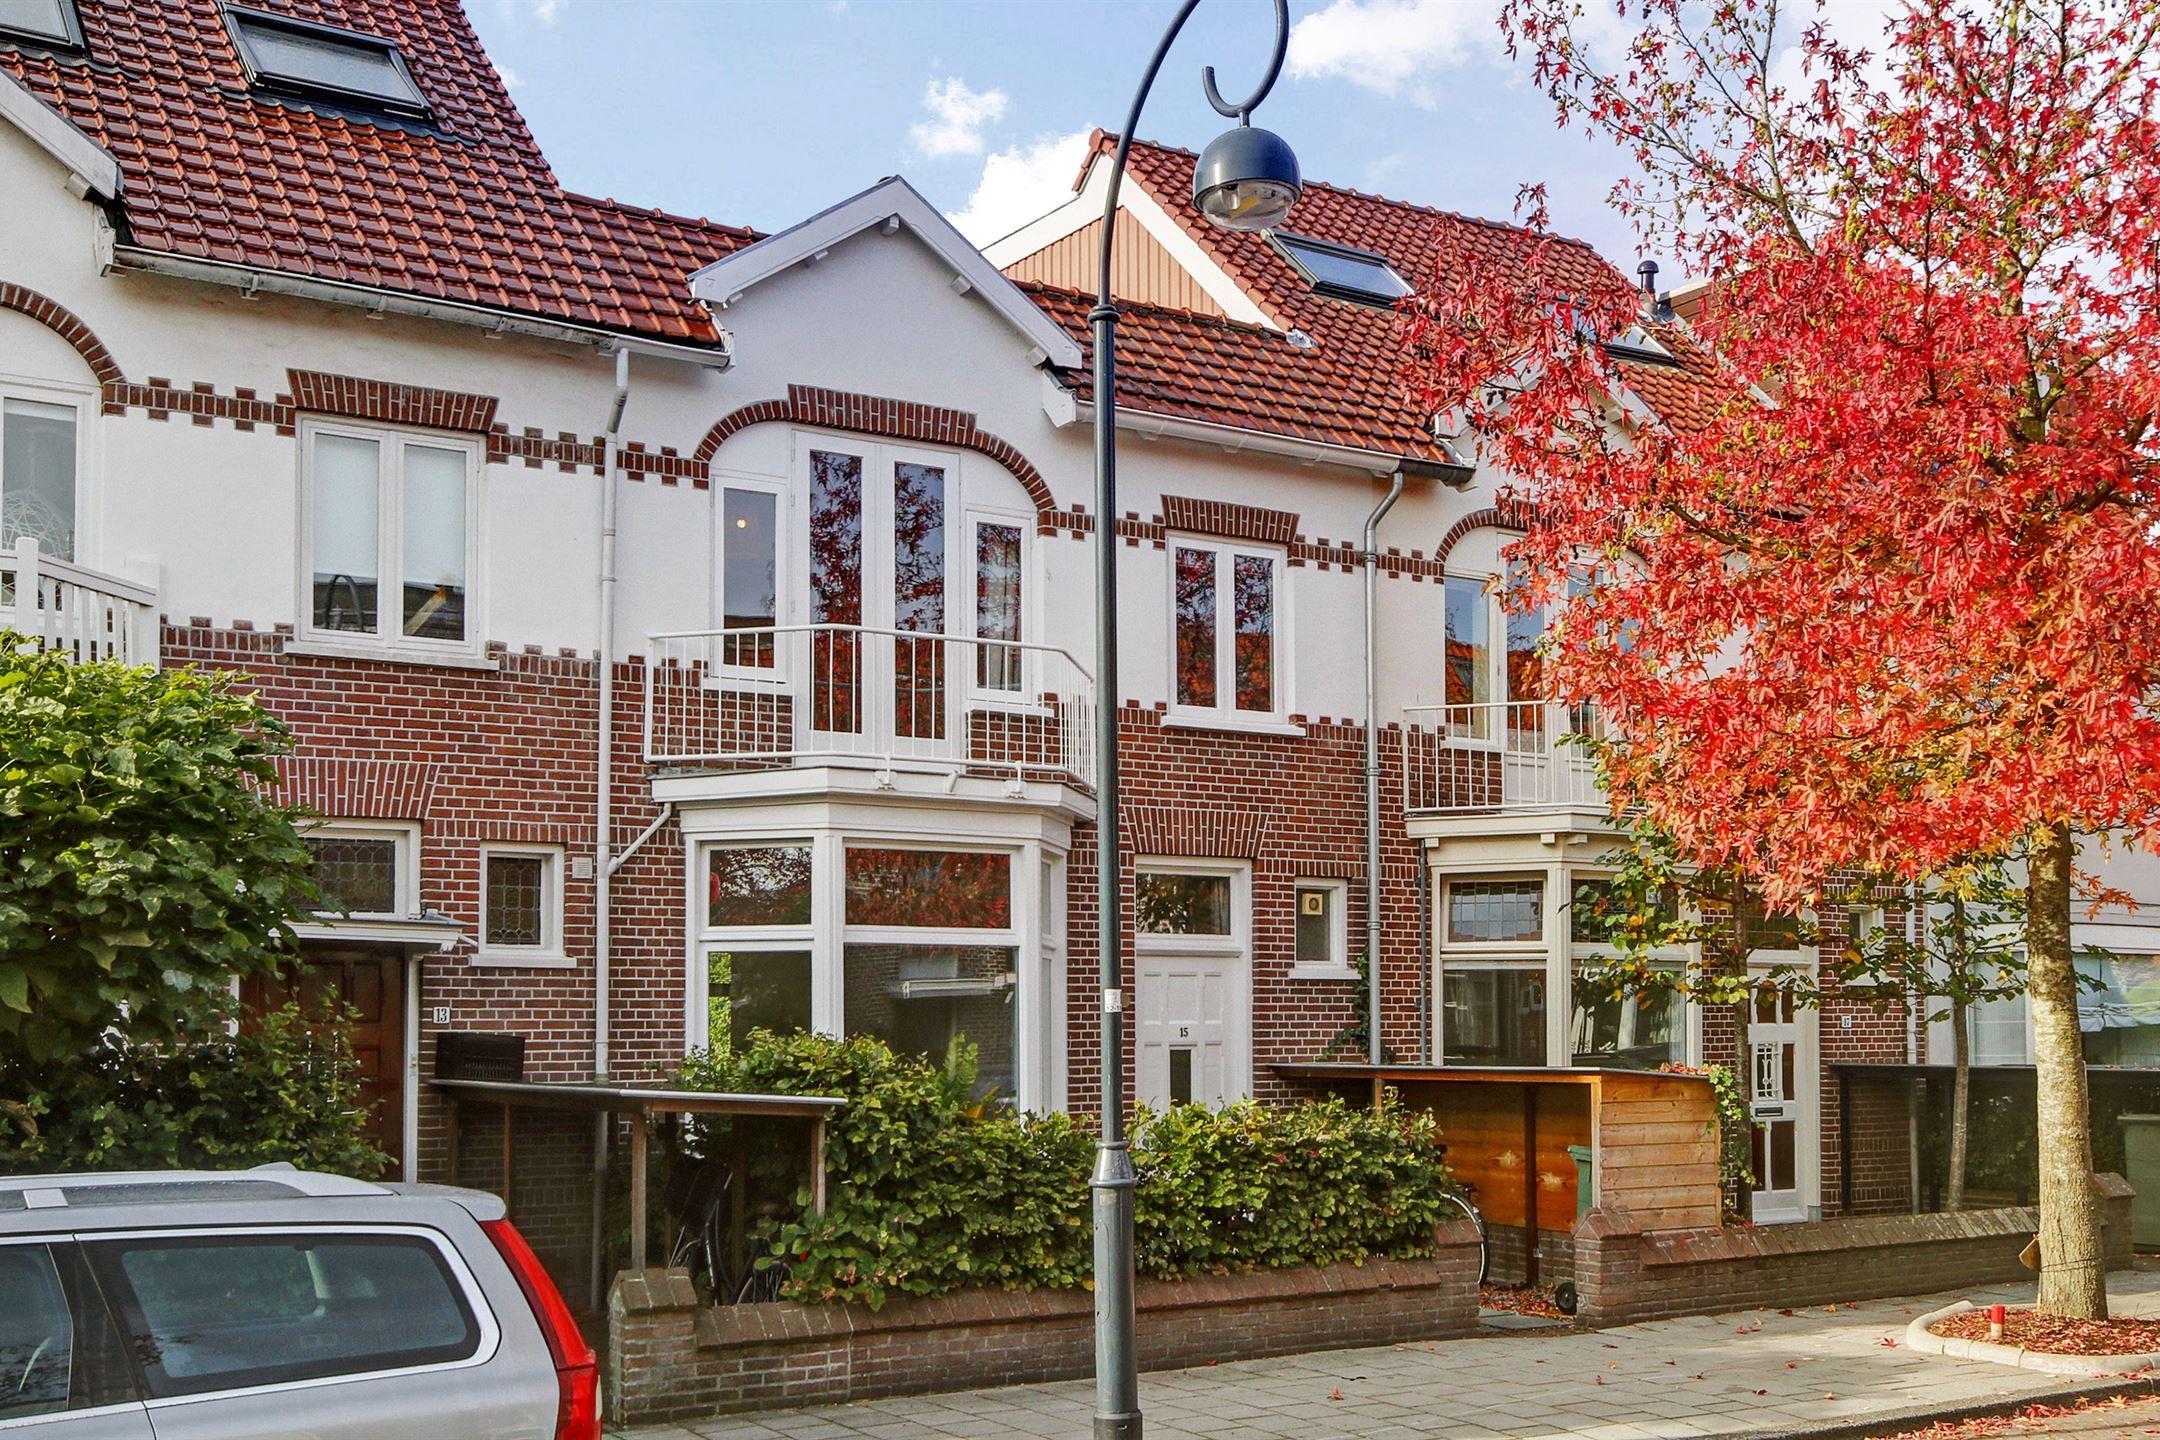 burgemeesterskwartier-te-zaanenkwartier-haarlem-noord-begin-20e-eeuw-woning